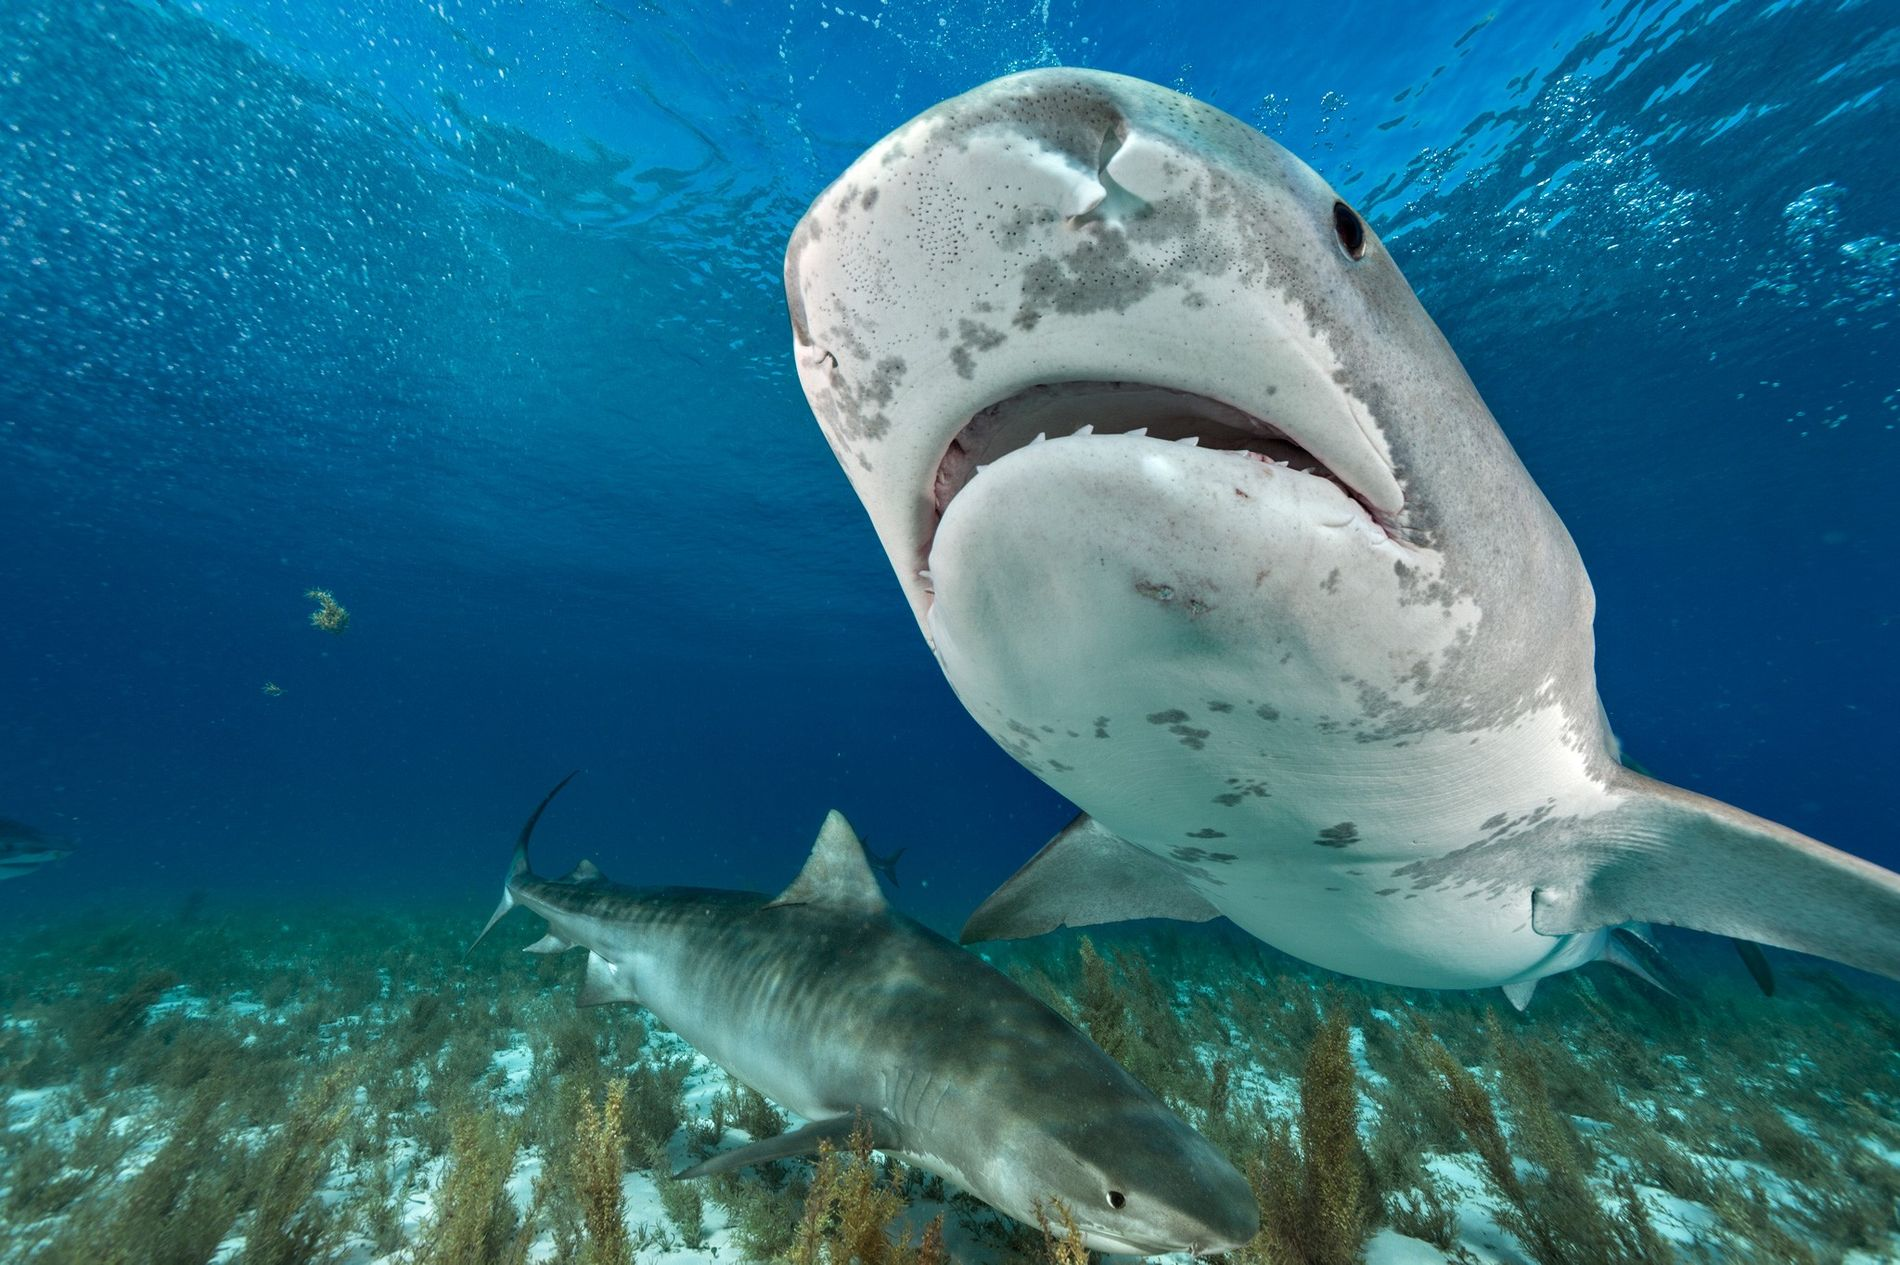 Tubarões-tigre rondam as águas da zona norte das Bahamas